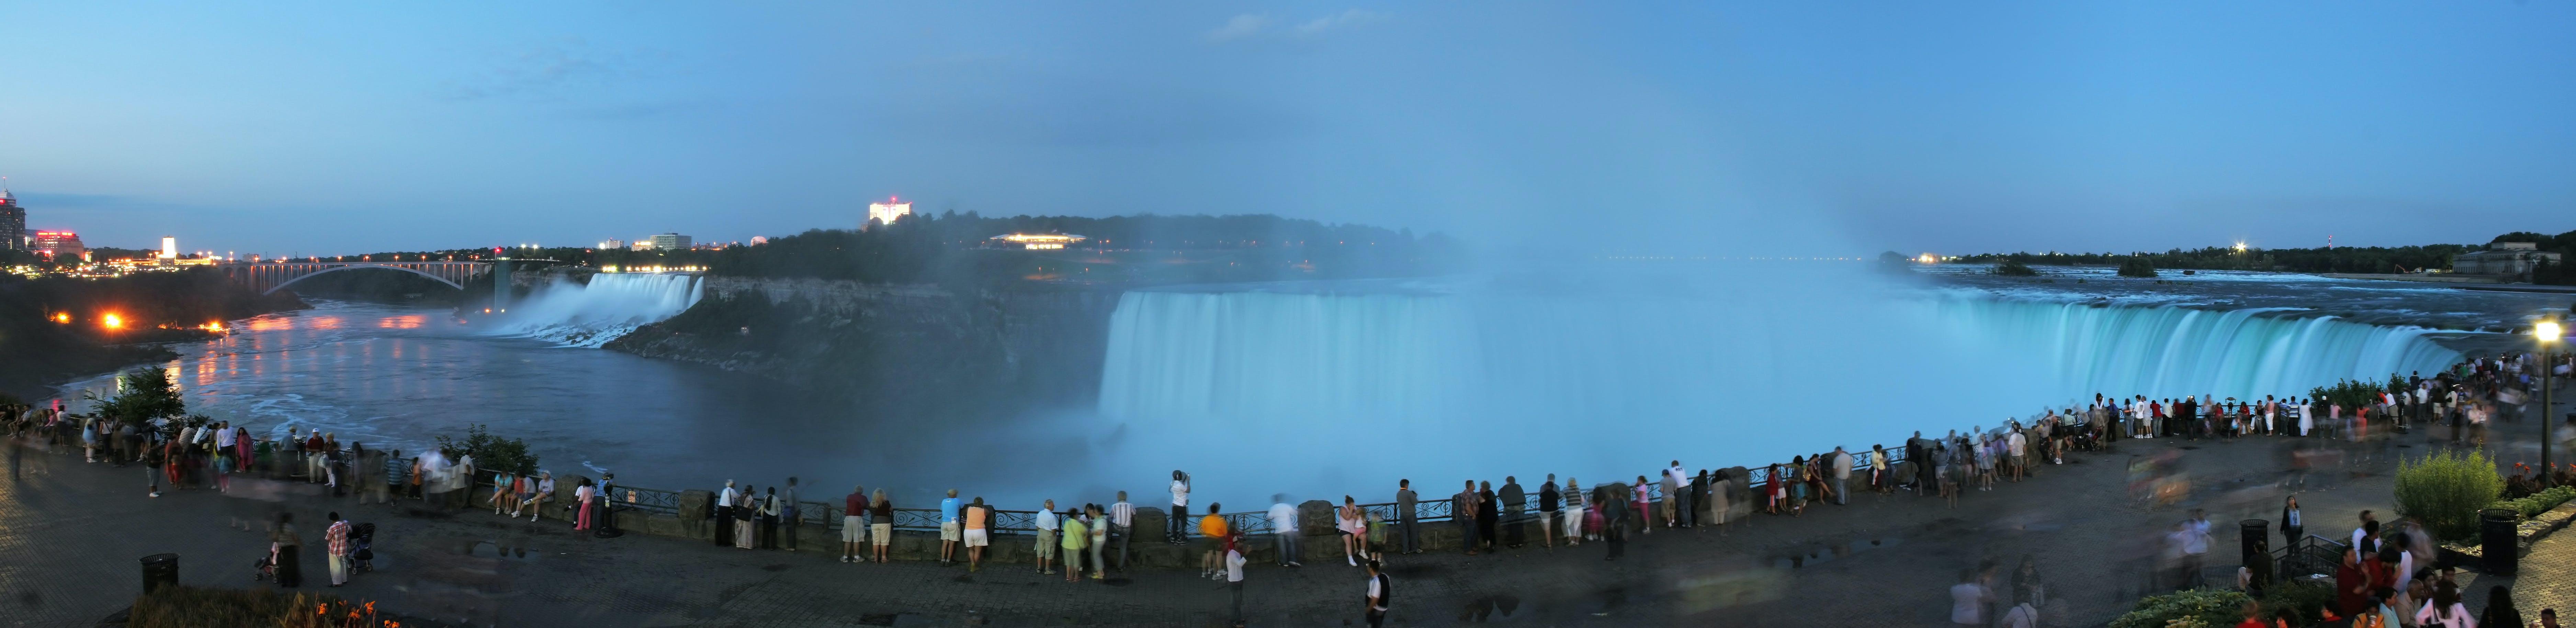 Základová fotografie zdarma na téma dav, komunita, lidé, Niagárské vodopády